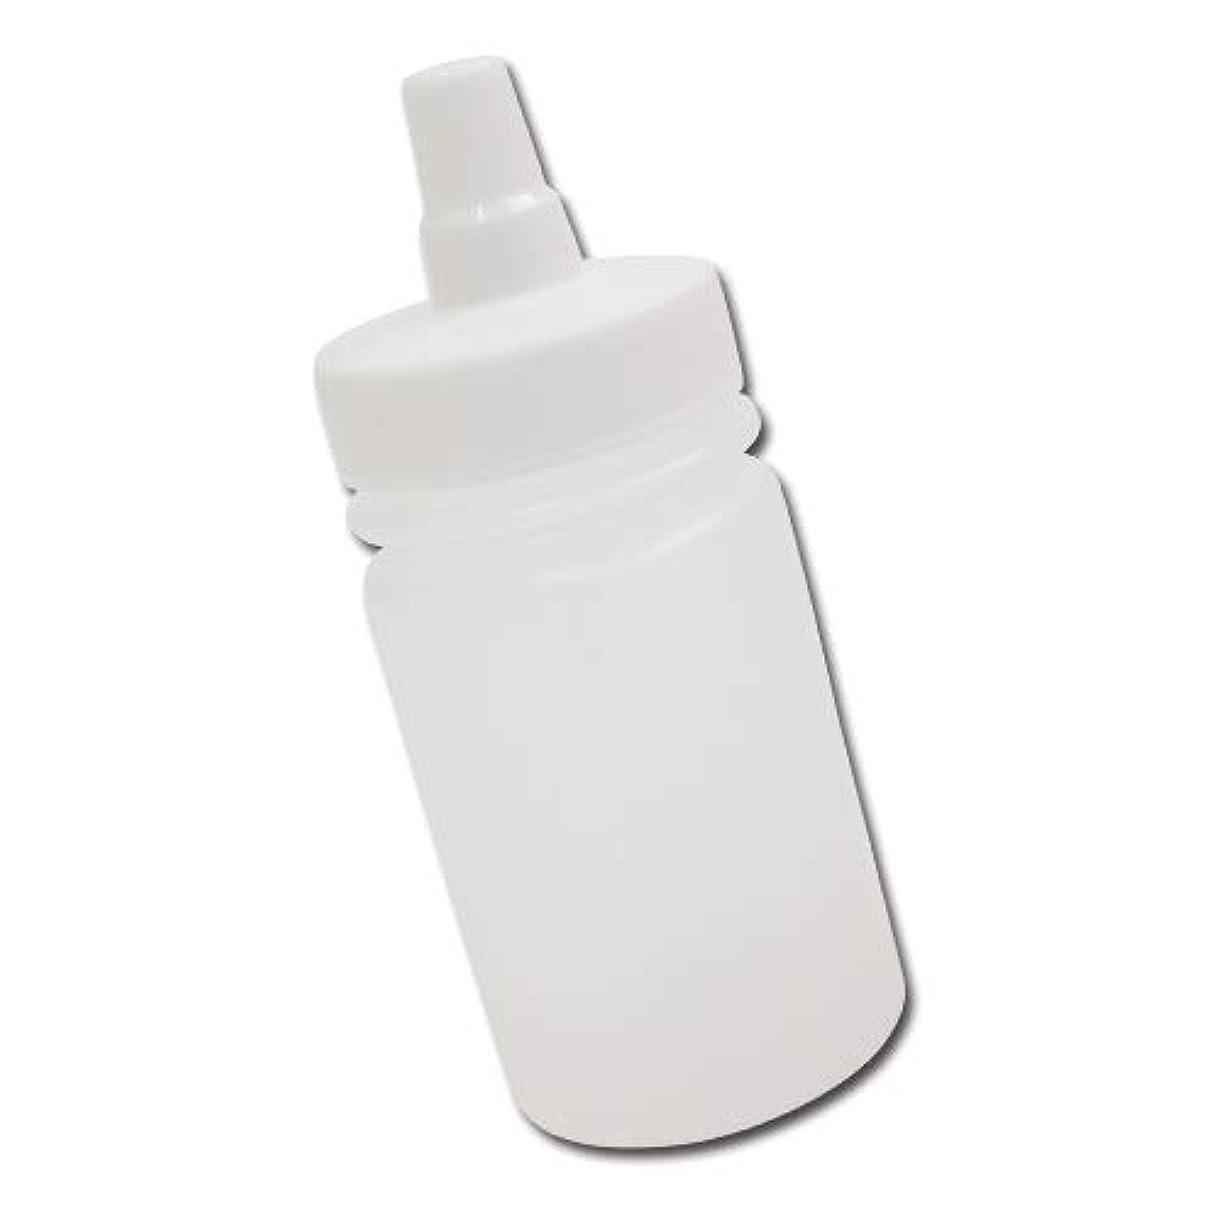 マイナス苦情文句補充はちみつ容器100ml(ホワイトキャップ)│ストレート型 業務用ローションや調味料の小分けに詰め替え用ハチミツ容器(蜂蜜容器)はちみつボトル